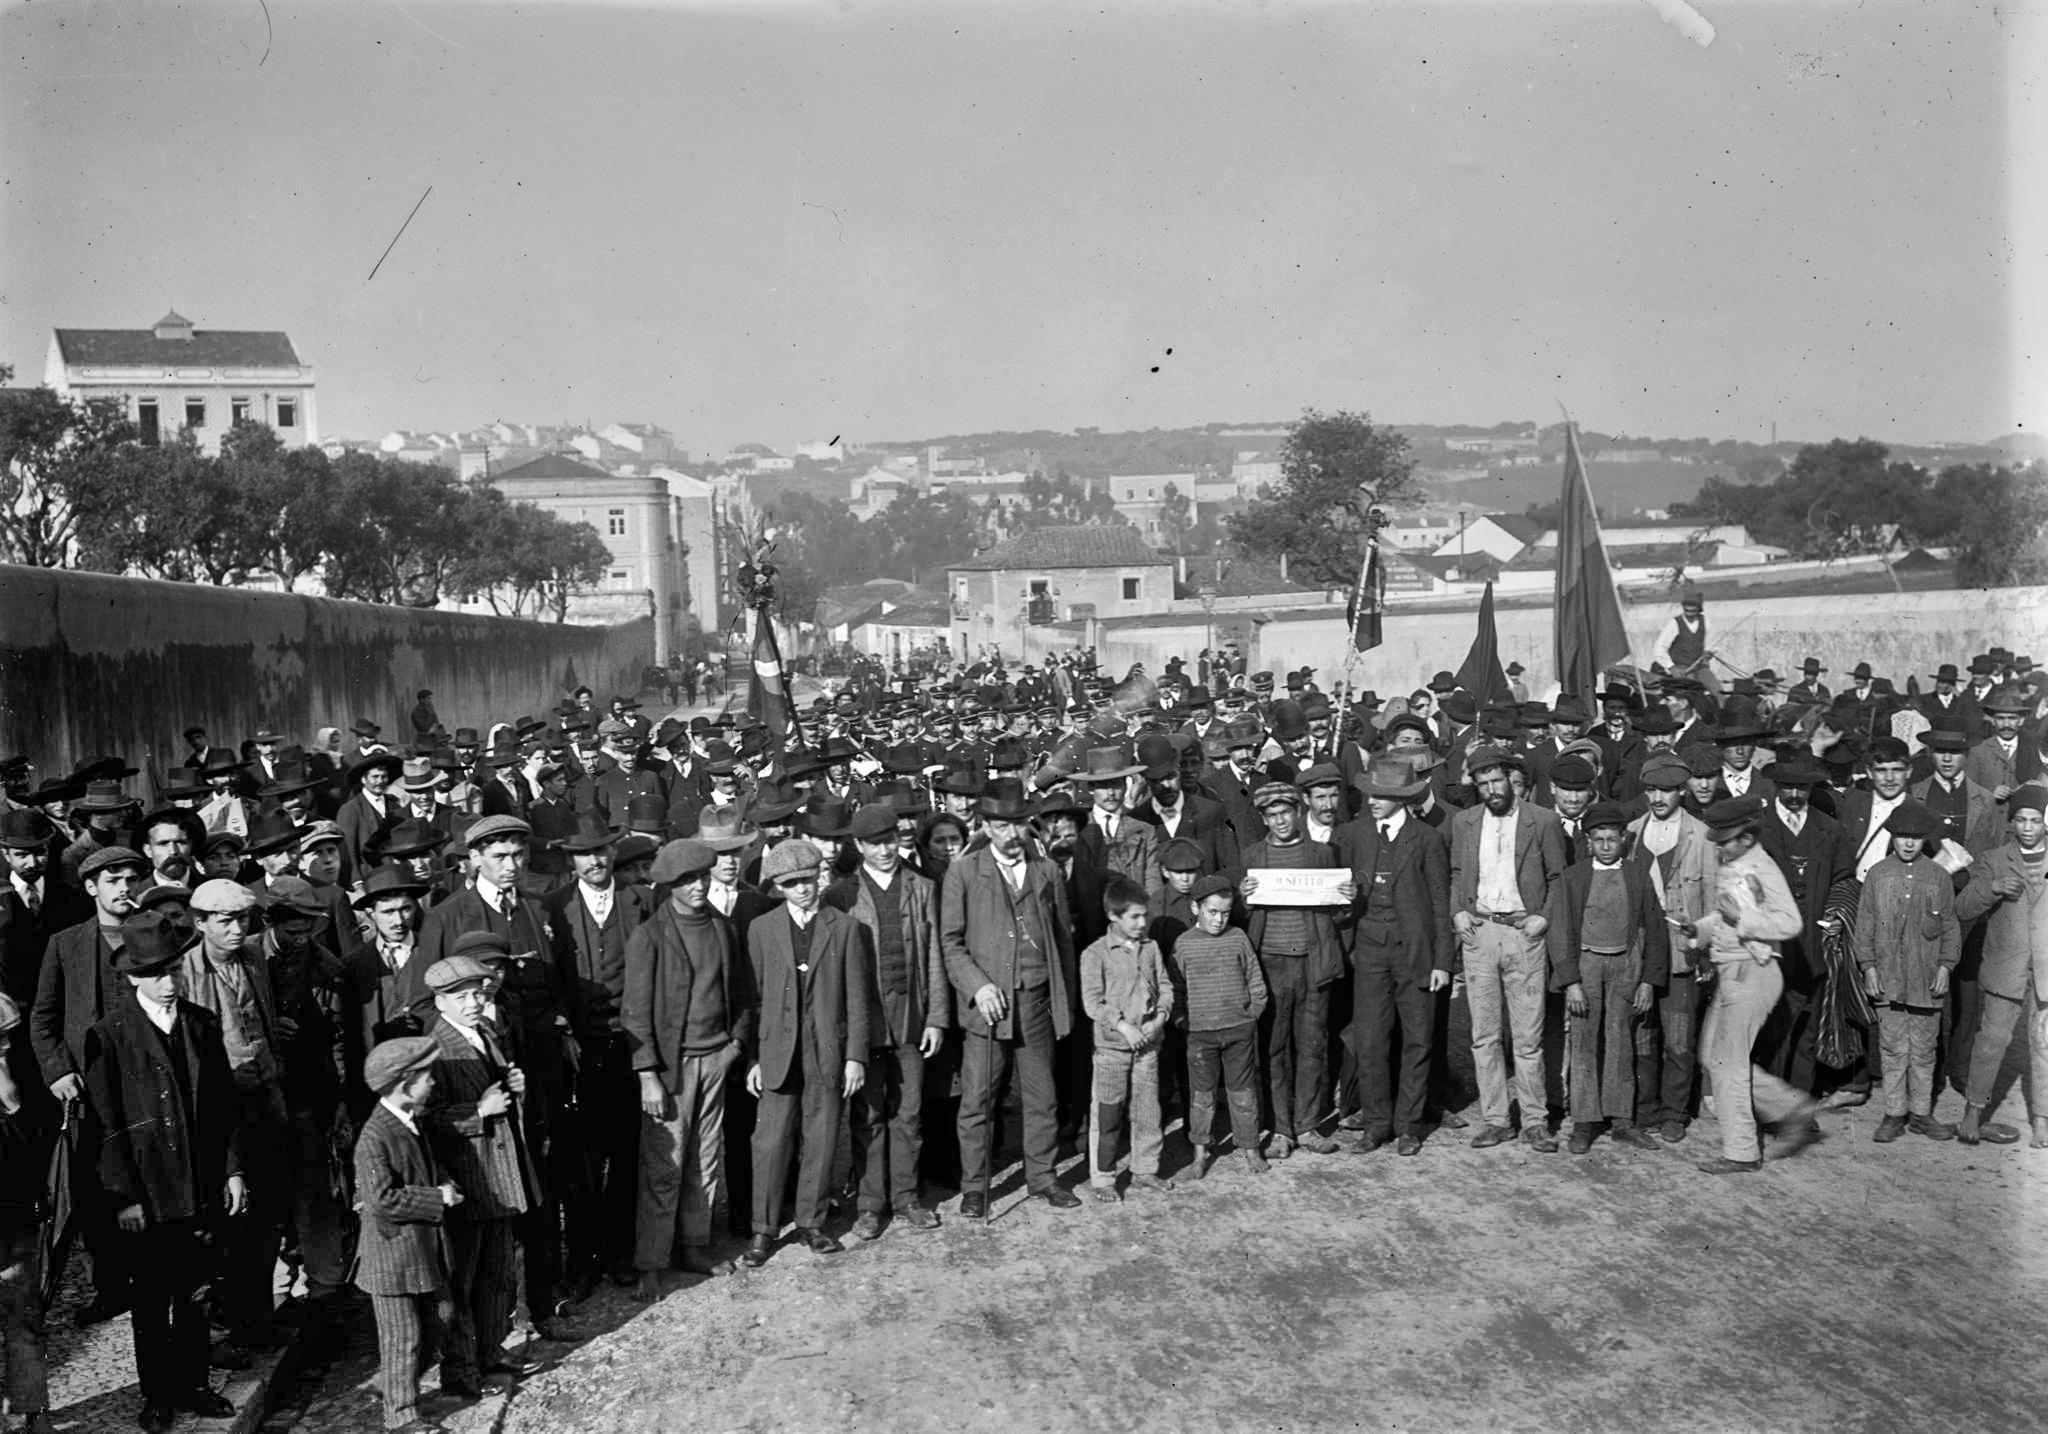 Cortejo ao Alto de S. João, Rua do Conselheiro Moraes Soares (A. Cunha, c. 1910; A.F.C.M.L. A20188)